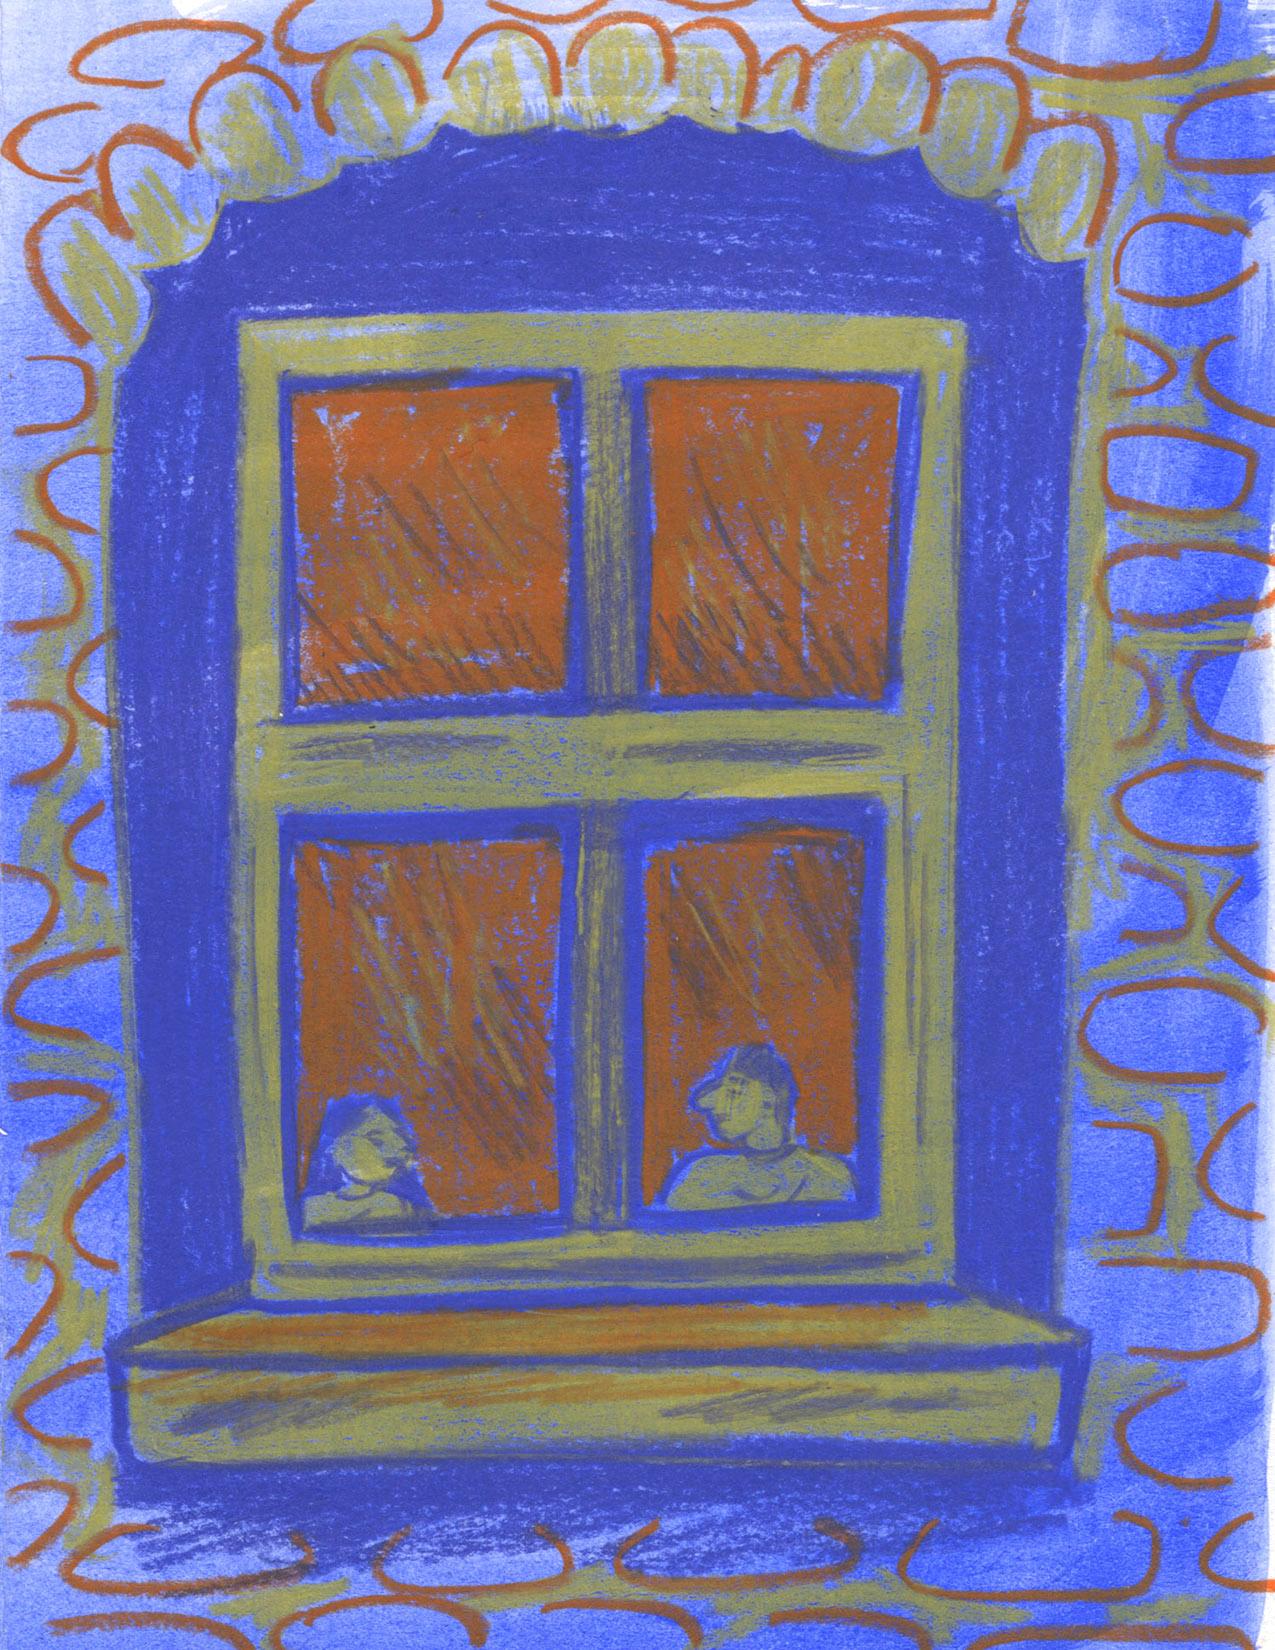 Rear Window (Pt. 3) - Page 1